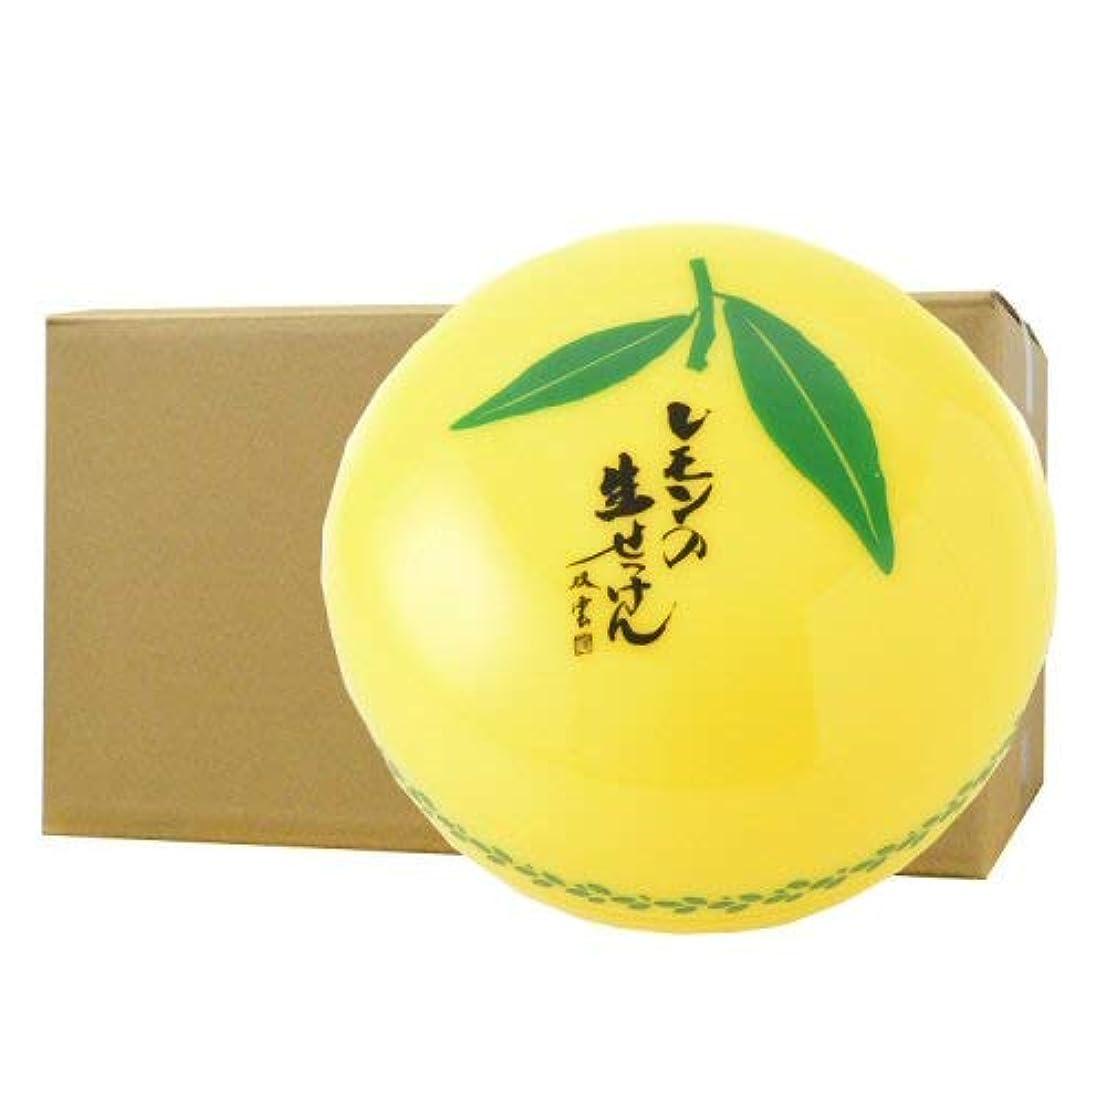 ビーム診断する衣装美香柑 レモンの生せっけん 洗顔石けん 無添加 スパチュラ?泡立てネット付 大容量 120g×24個ケース